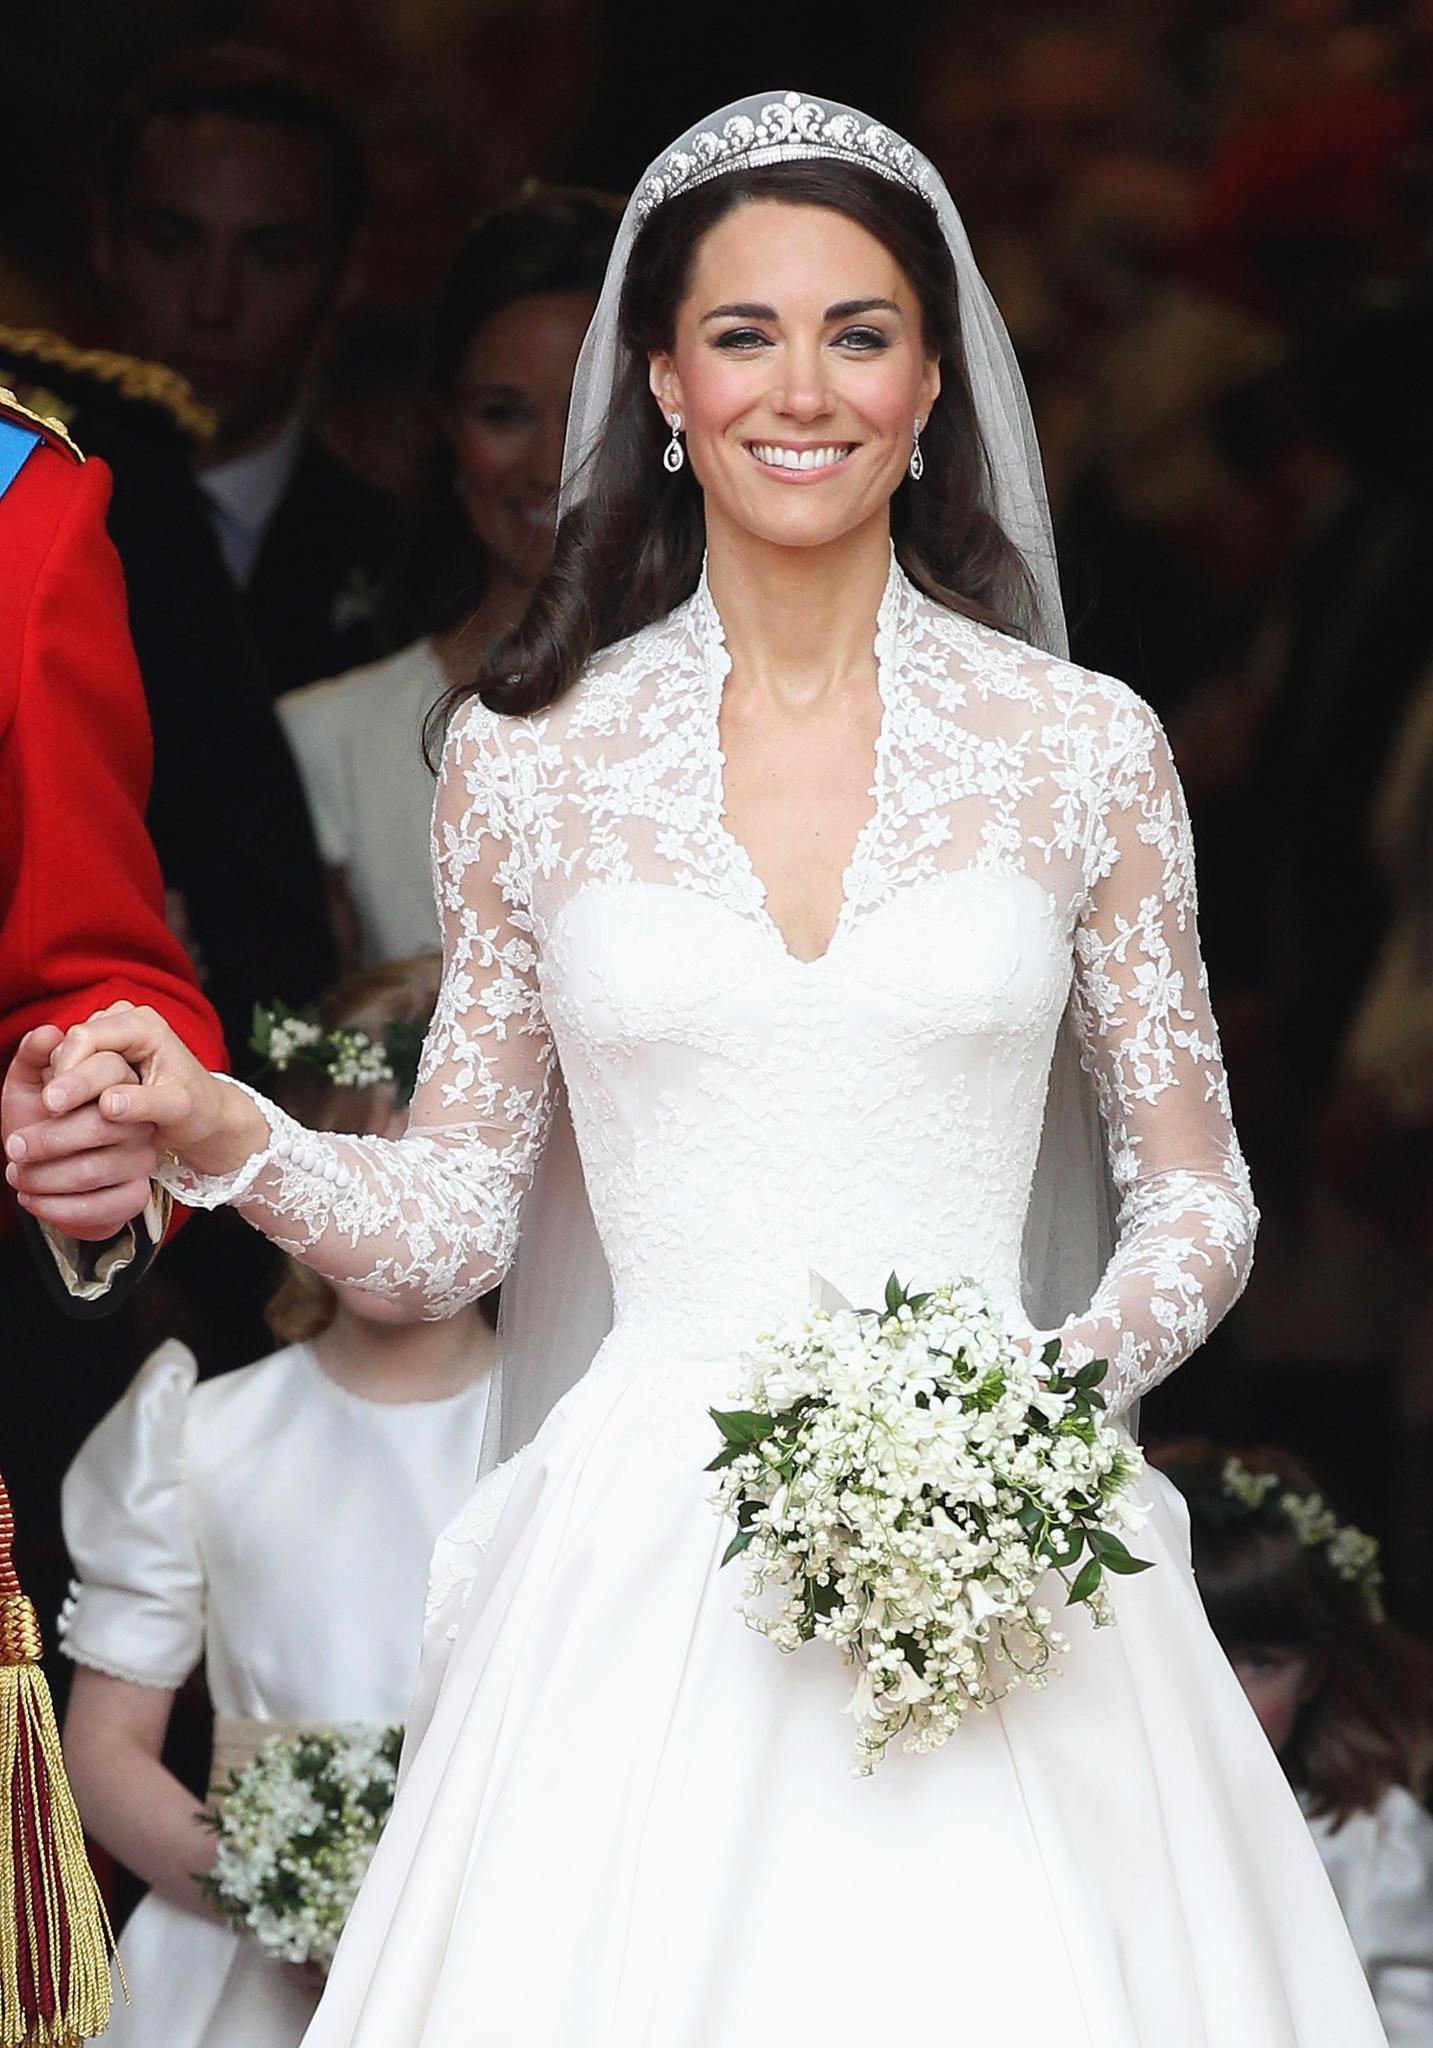 Herzogin Catherine Ihr Brautkleid Wird Von Hm Kopiert